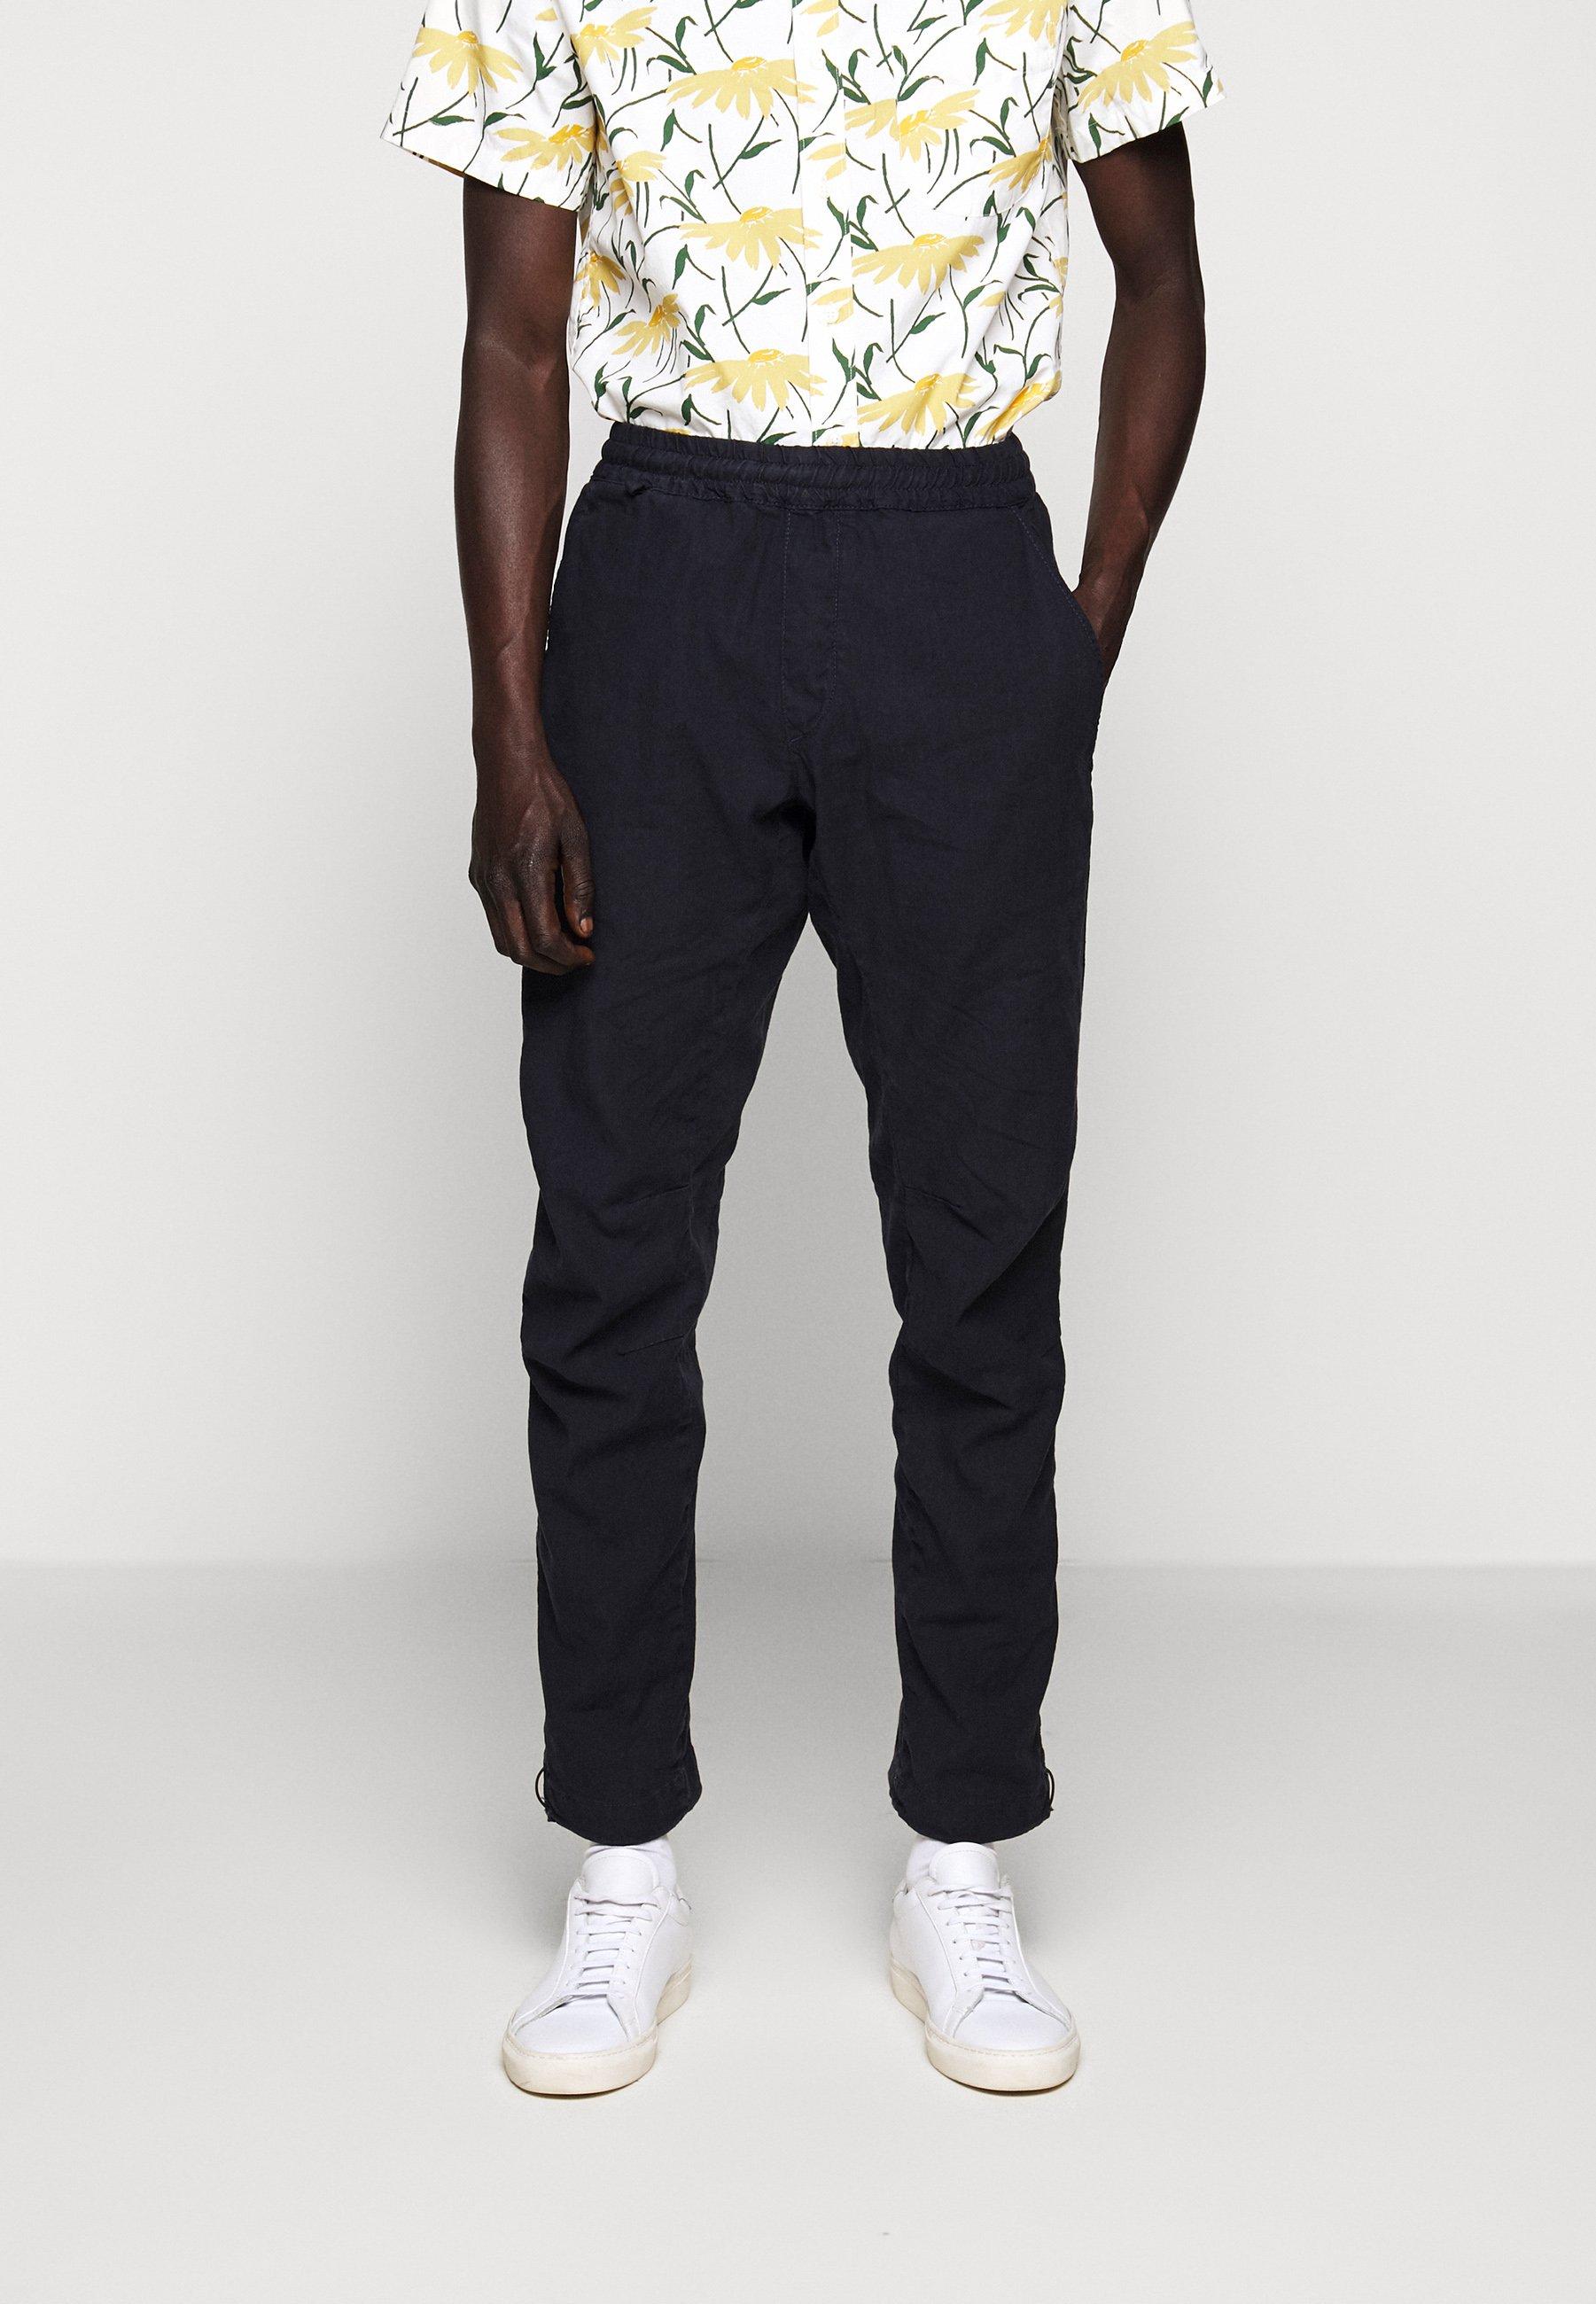 Especial C.P. Company PANTS  - Pantalones - total eclipse | Ropa de hombre 2020 21FNG